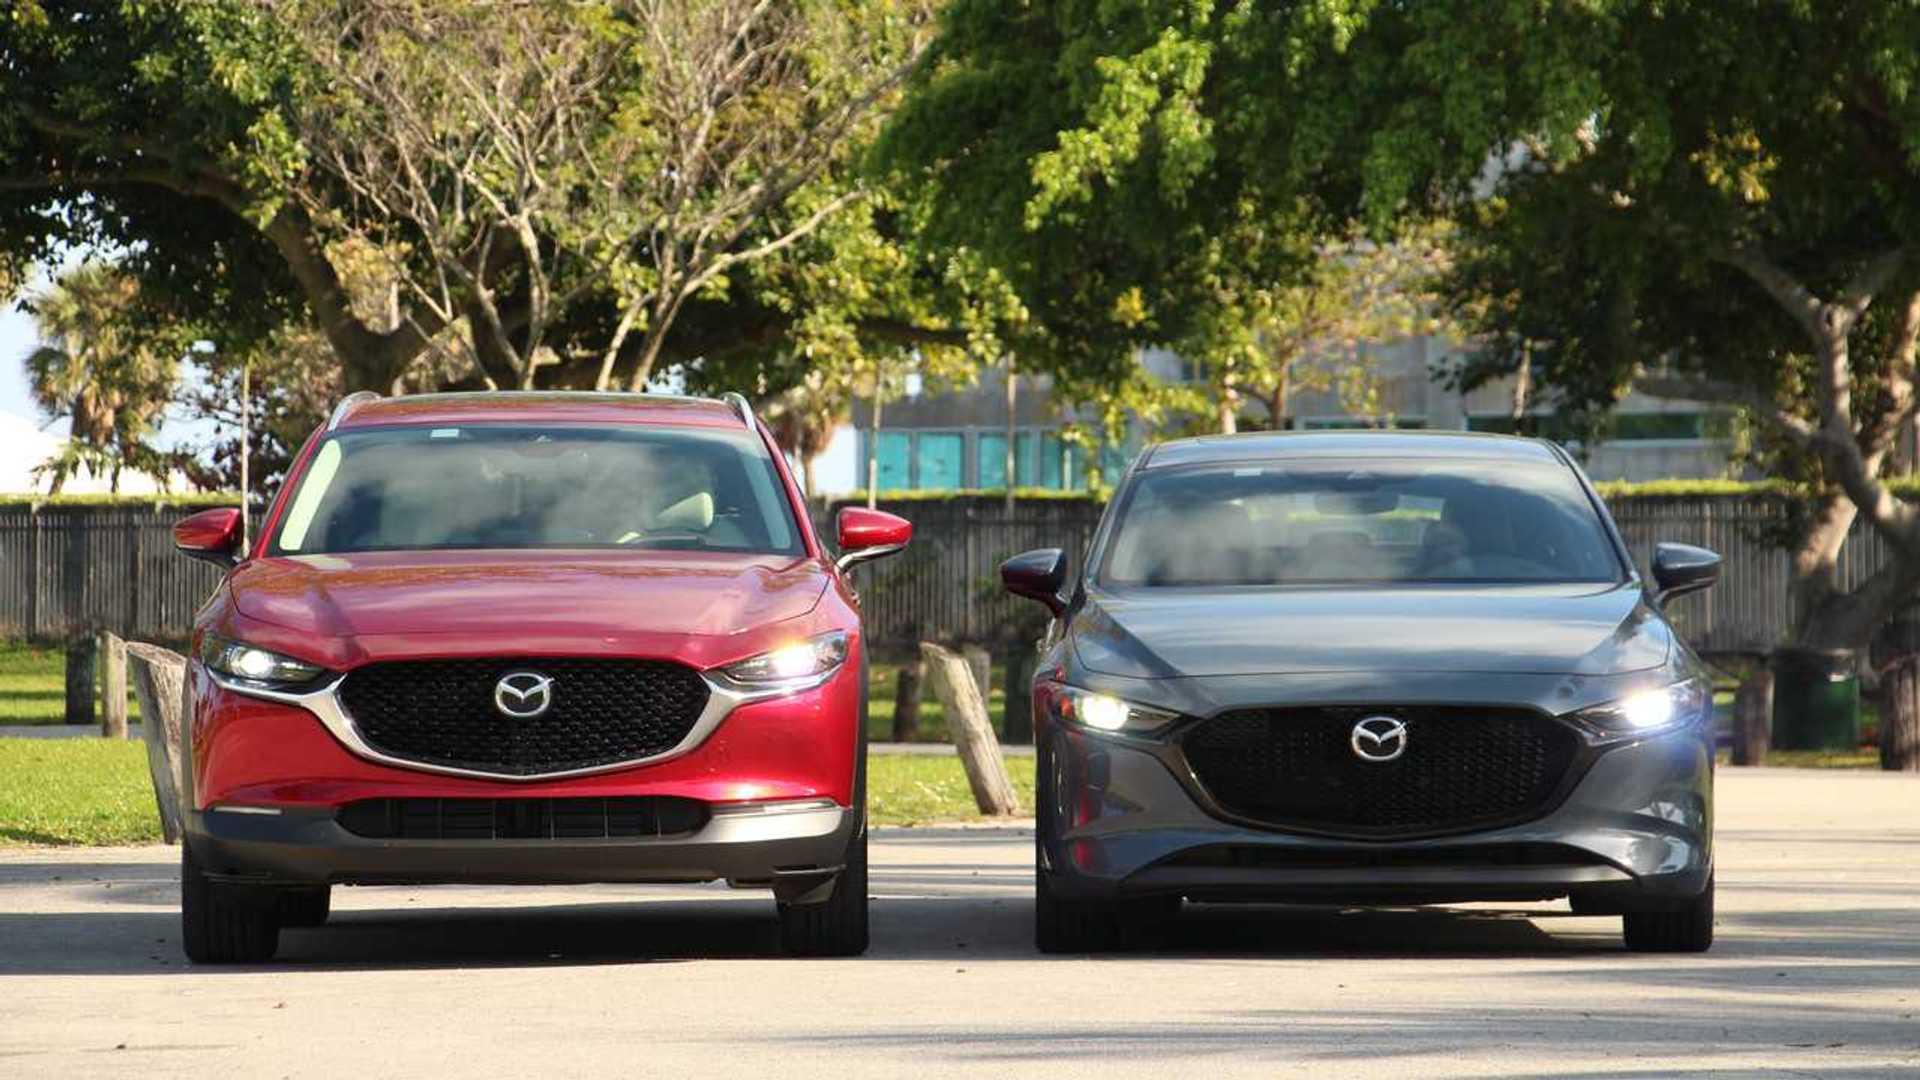 Kelebihan Mazda C30 Top Model Tahun Ini